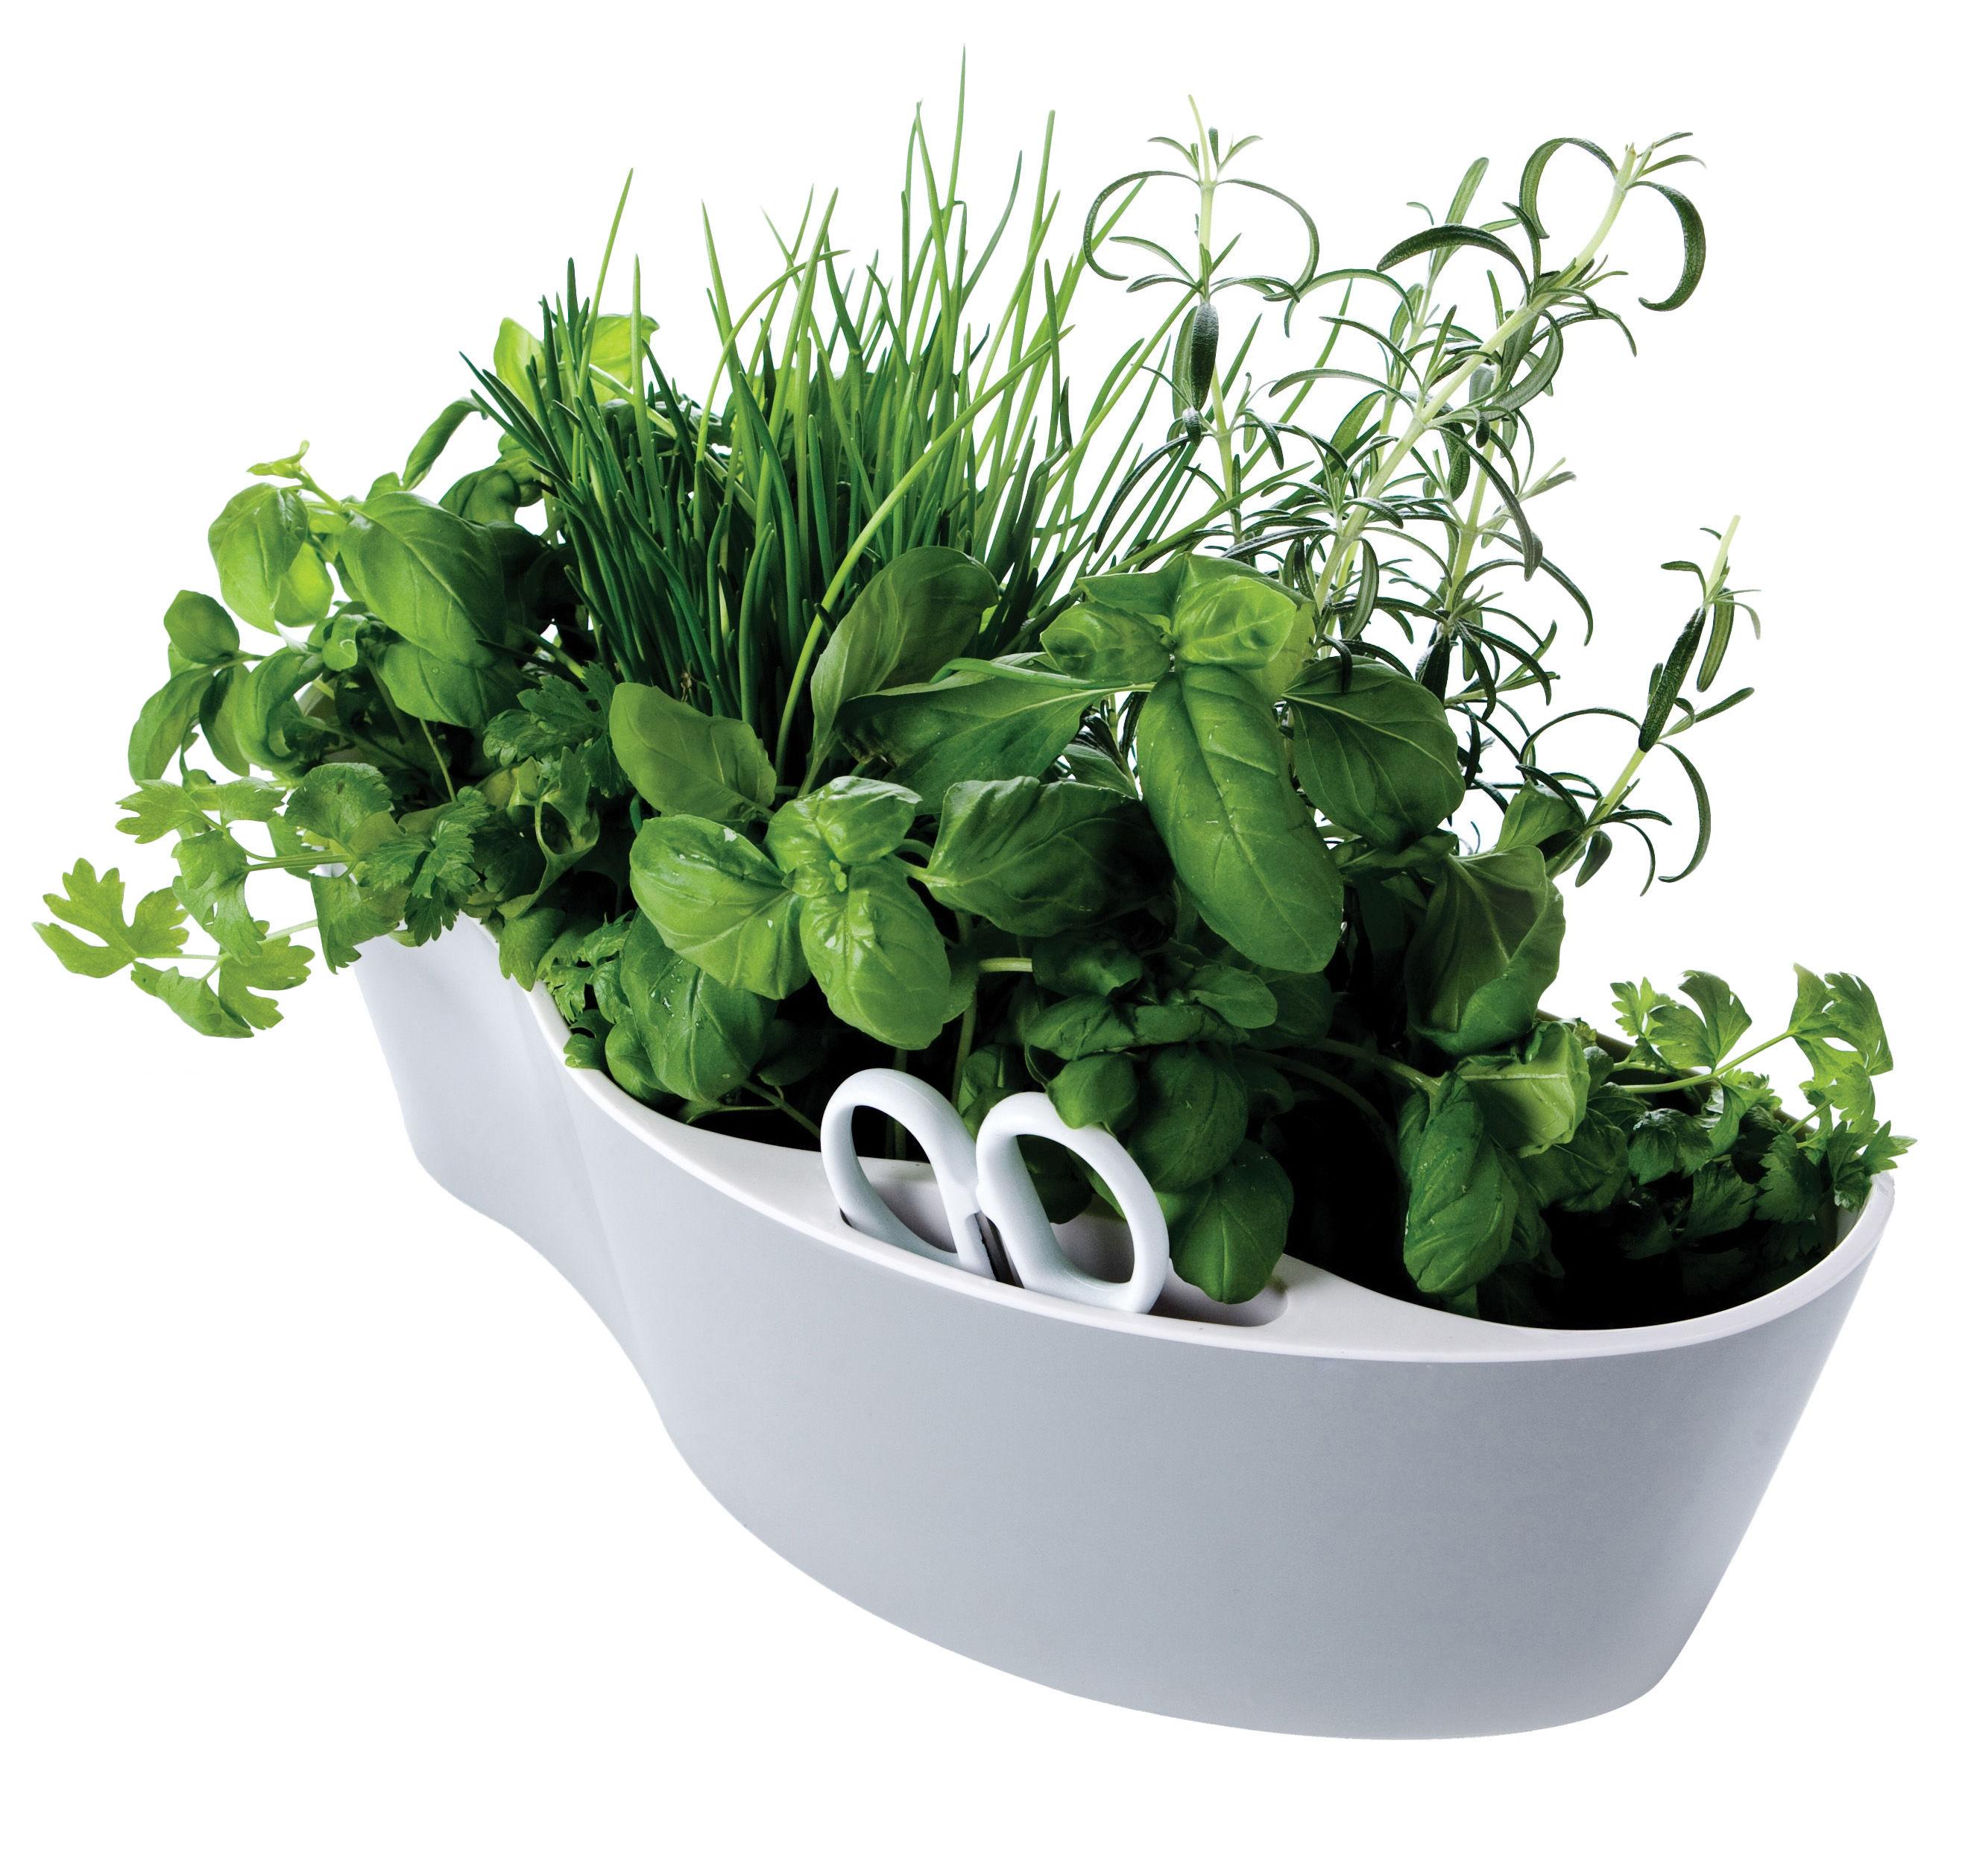 pot de fleurs herb garden pour herbes aromatiques avec ciseaux ext rieur gris int rieur. Black Bedroom Furniture Sets. Home Design Ideas